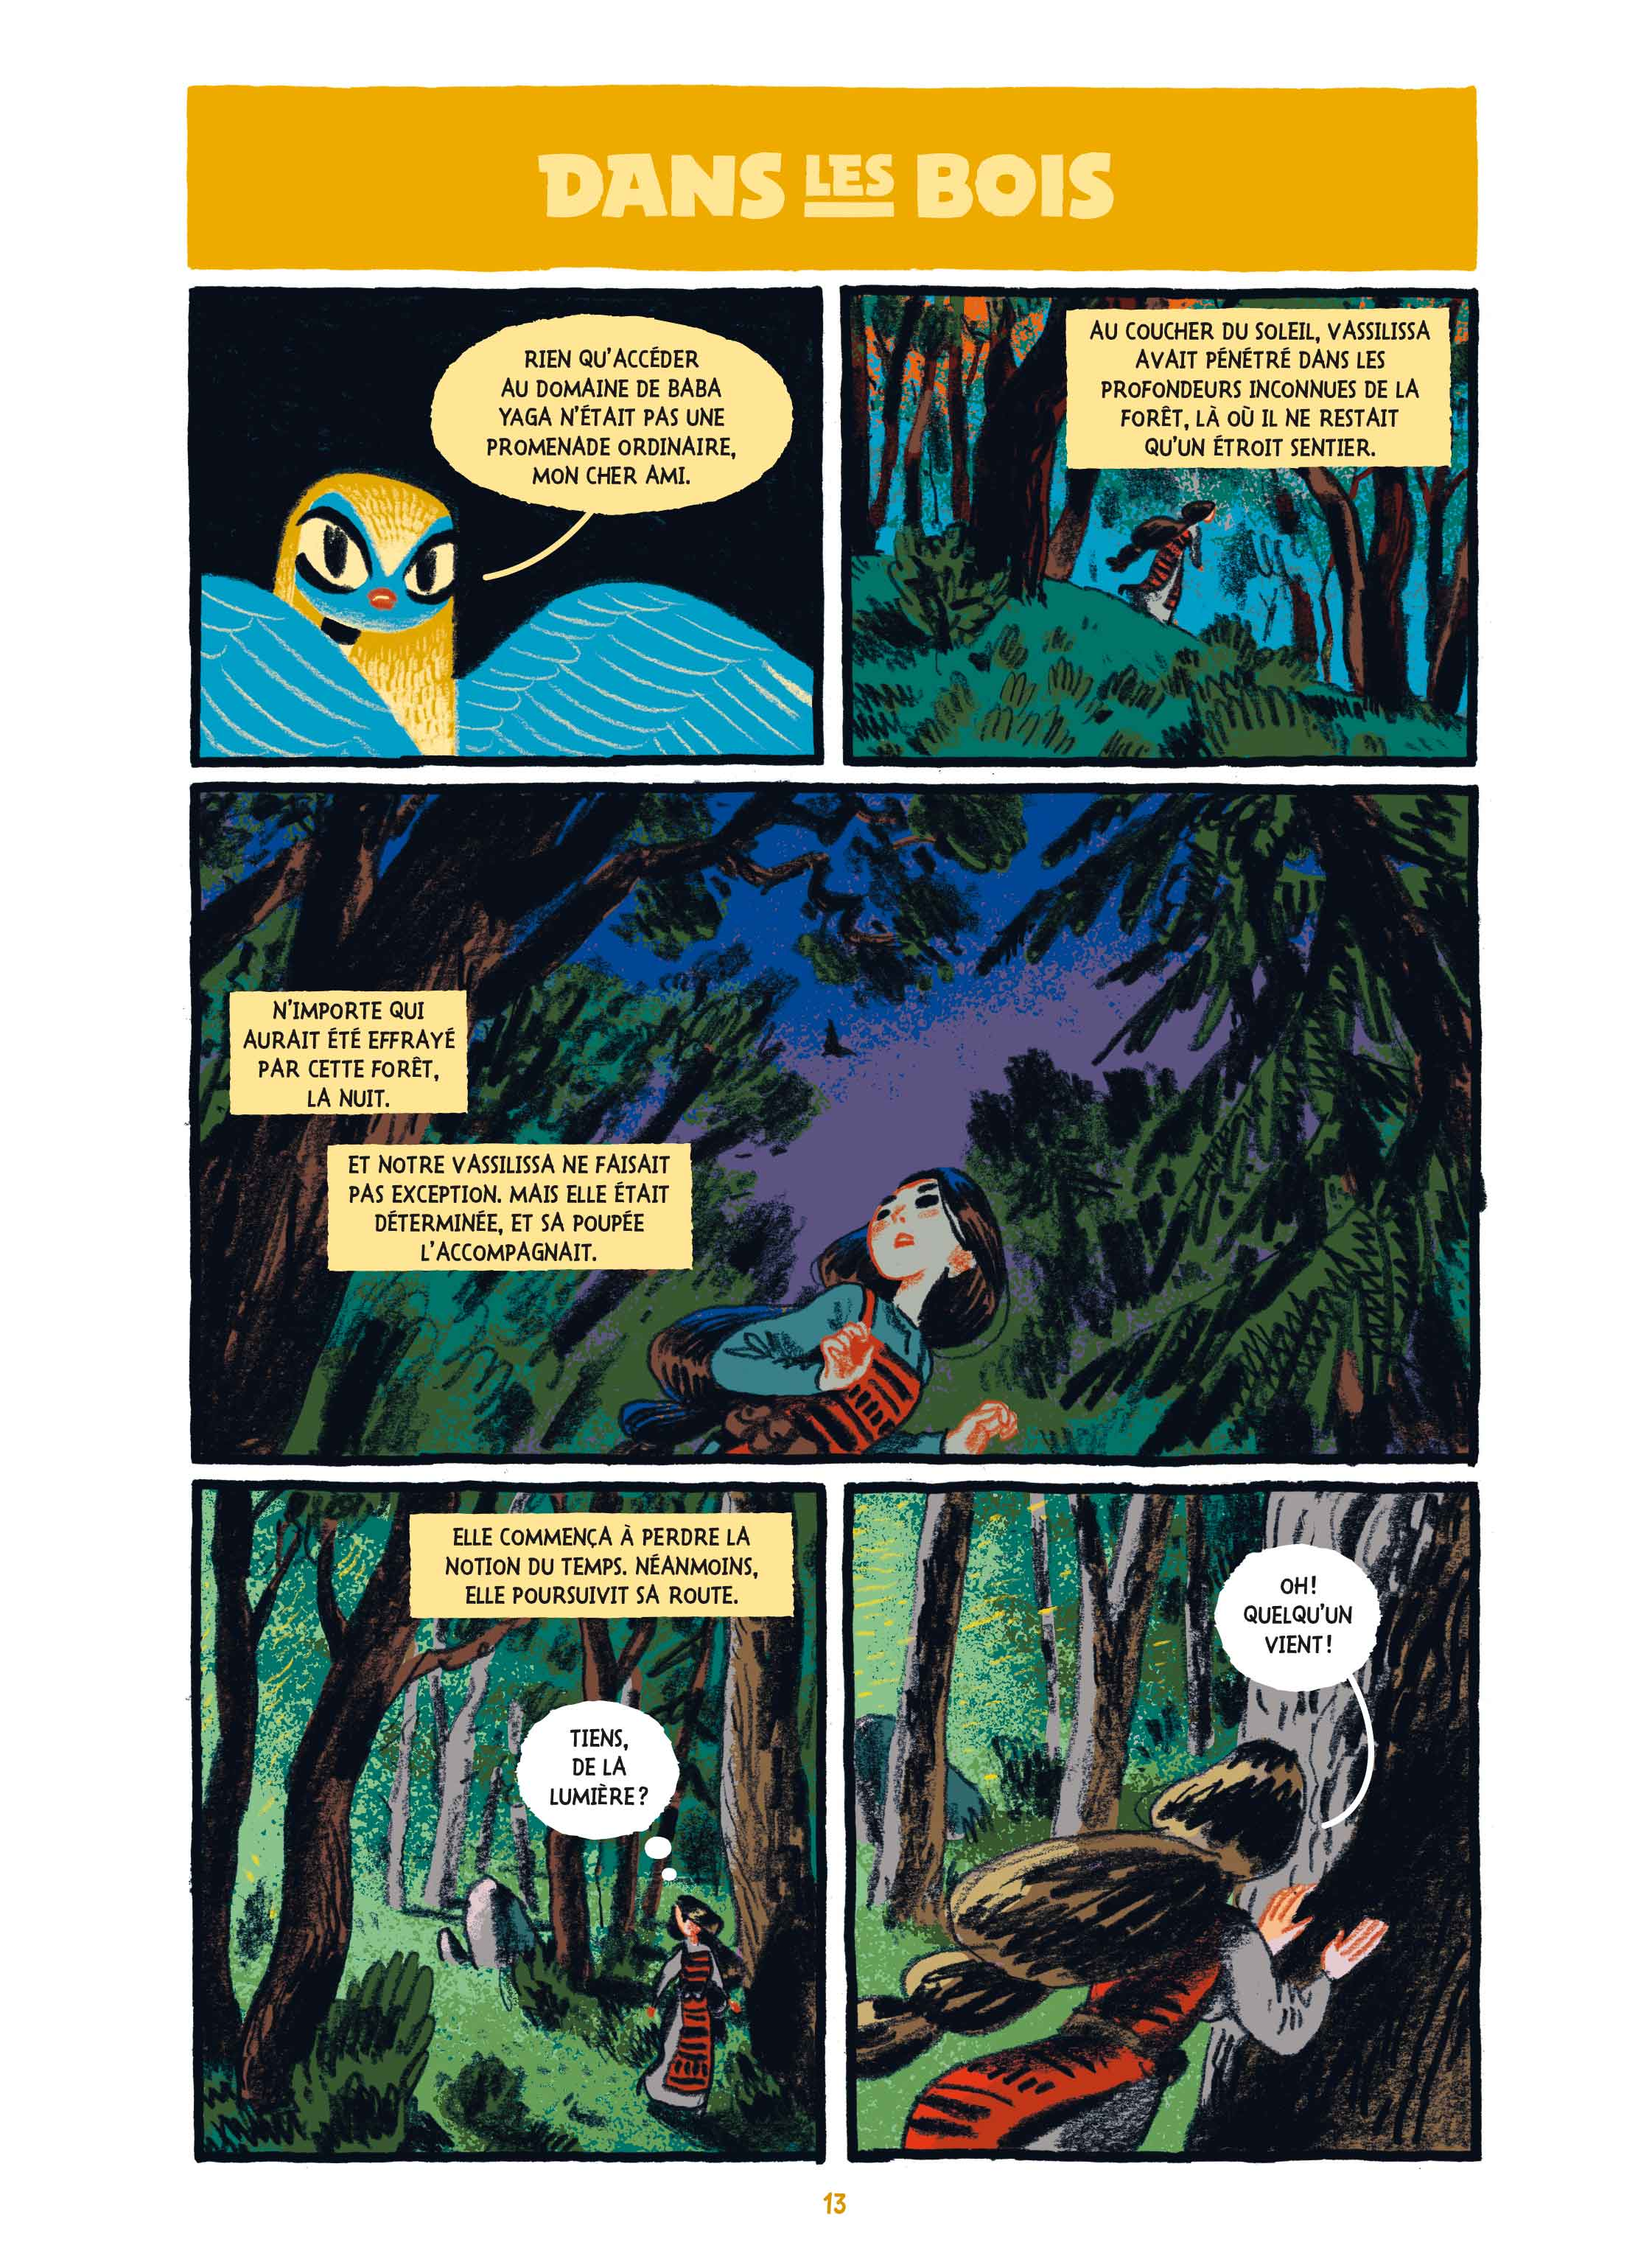 La Princesse guerriere page 13